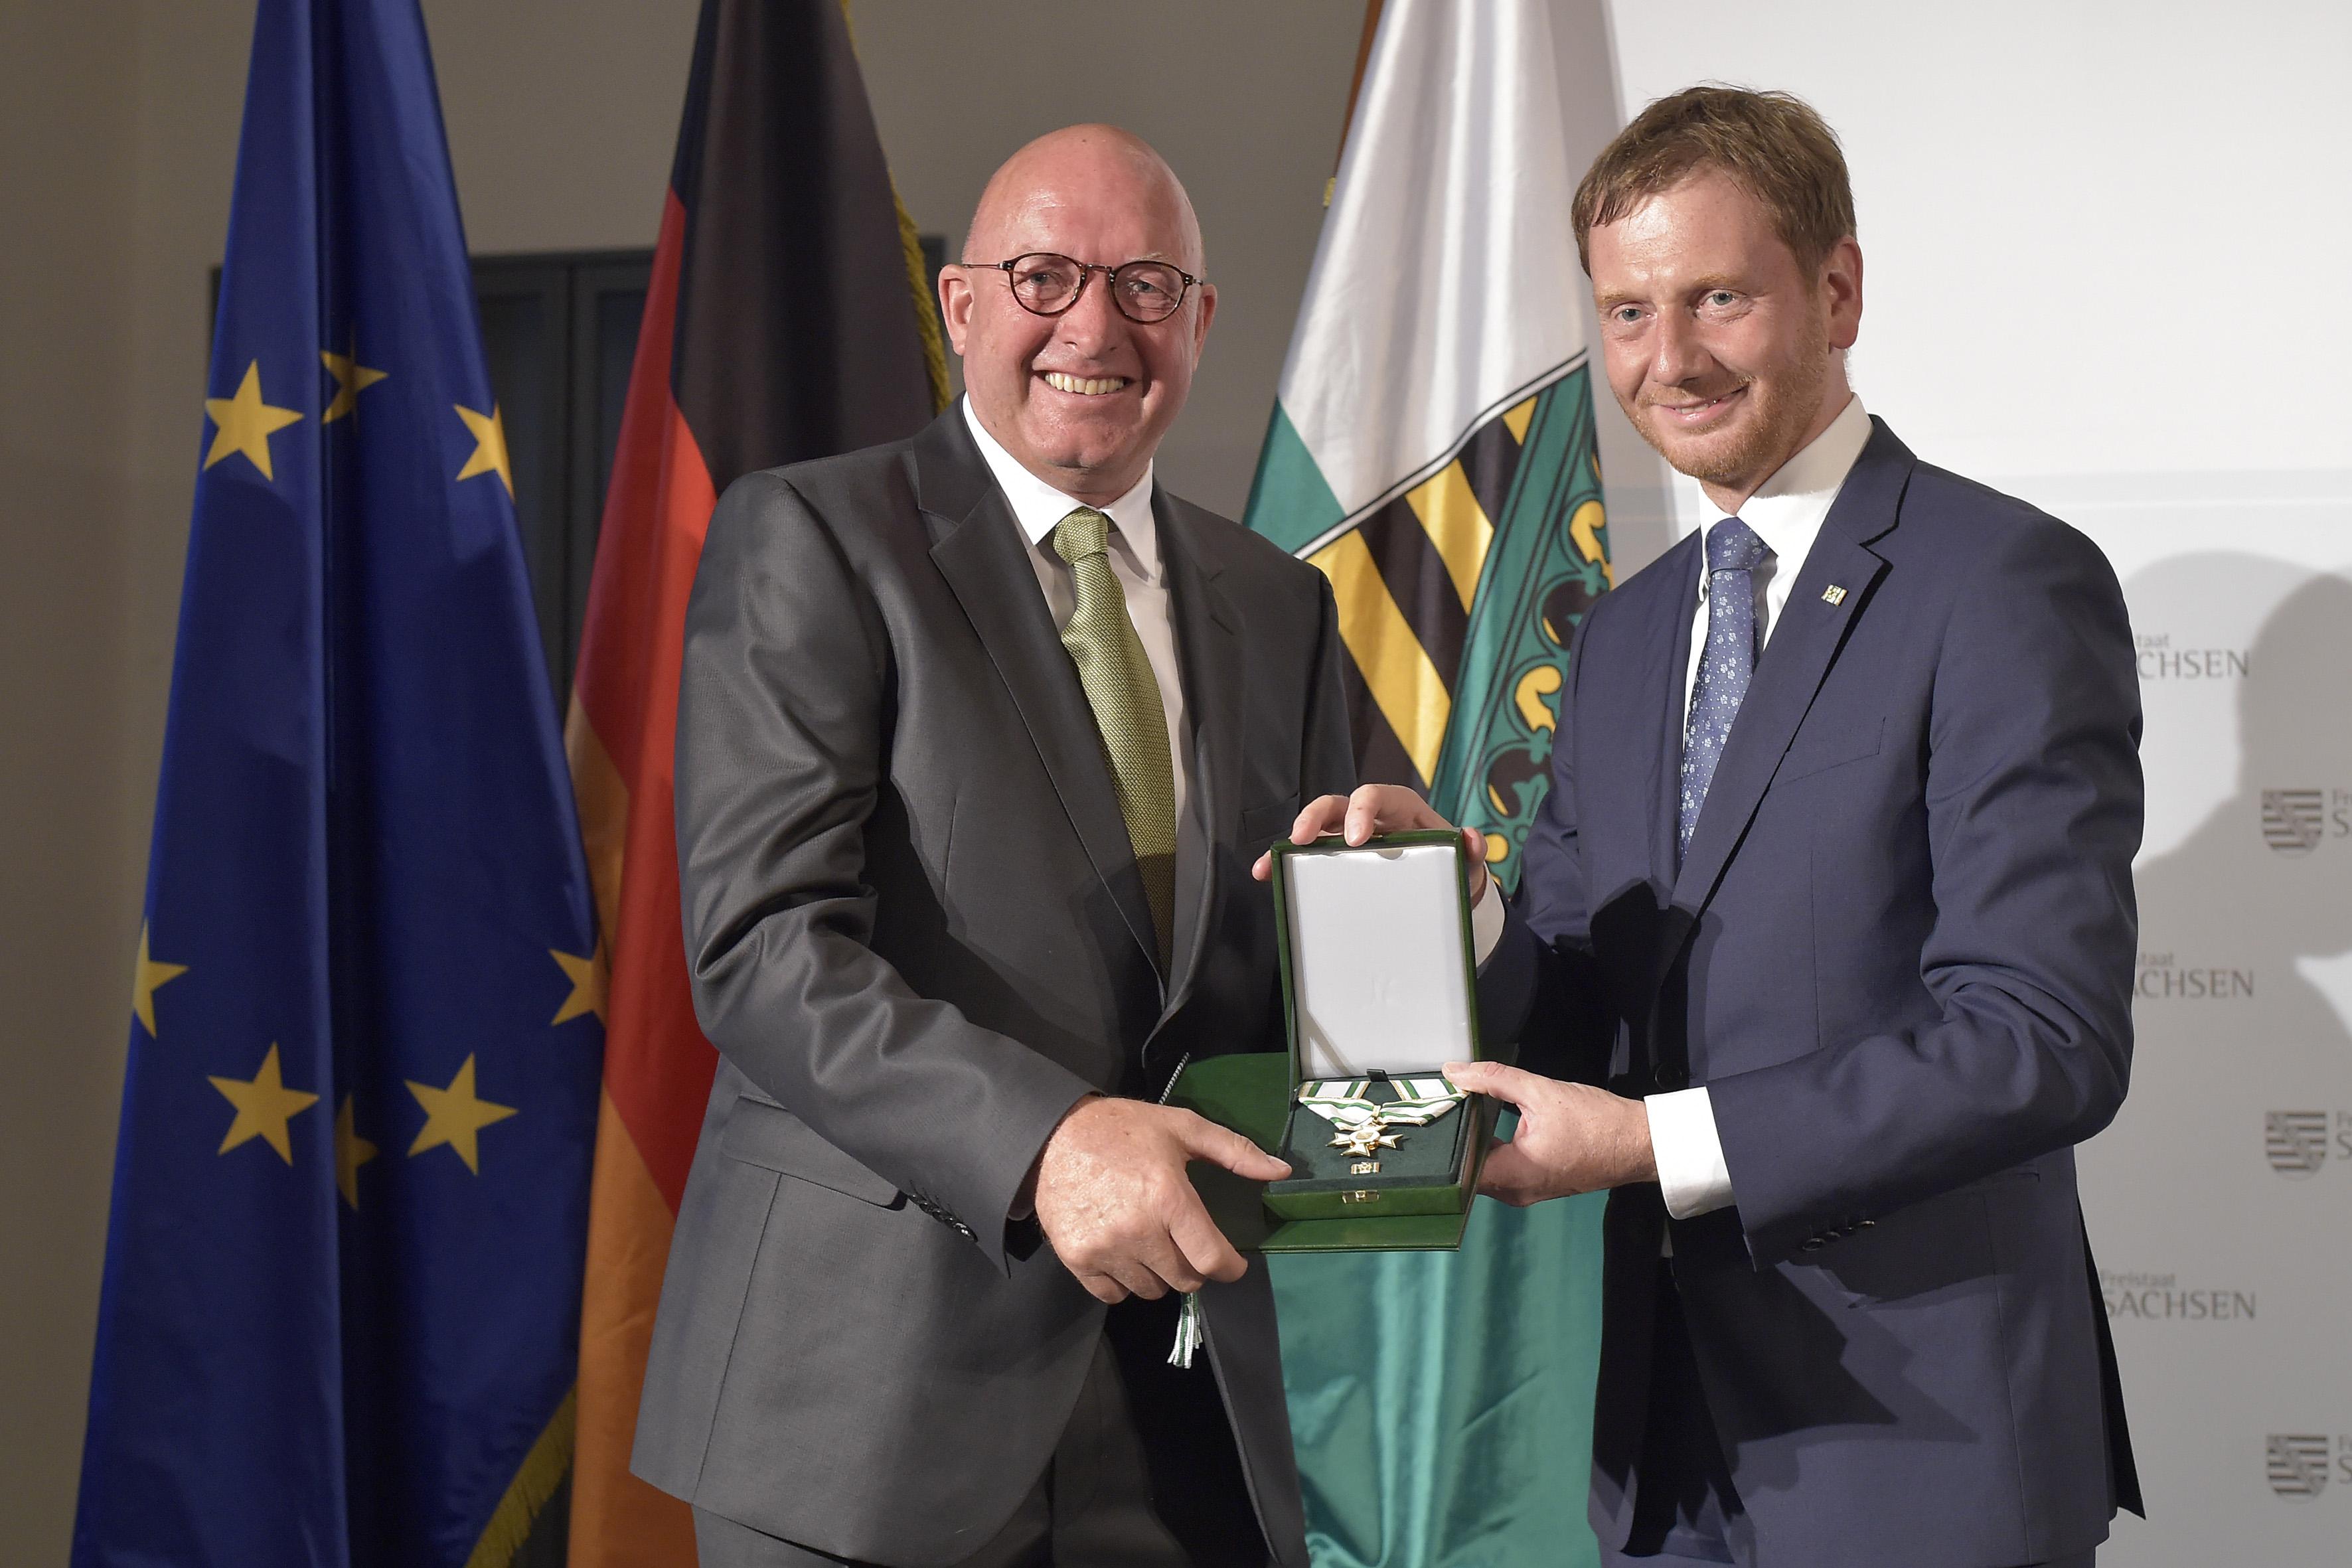 Ministerpräsident Michael Kretschmer überreicht Volker Wulff den Verdienstorden des Freistaates Sachsen.